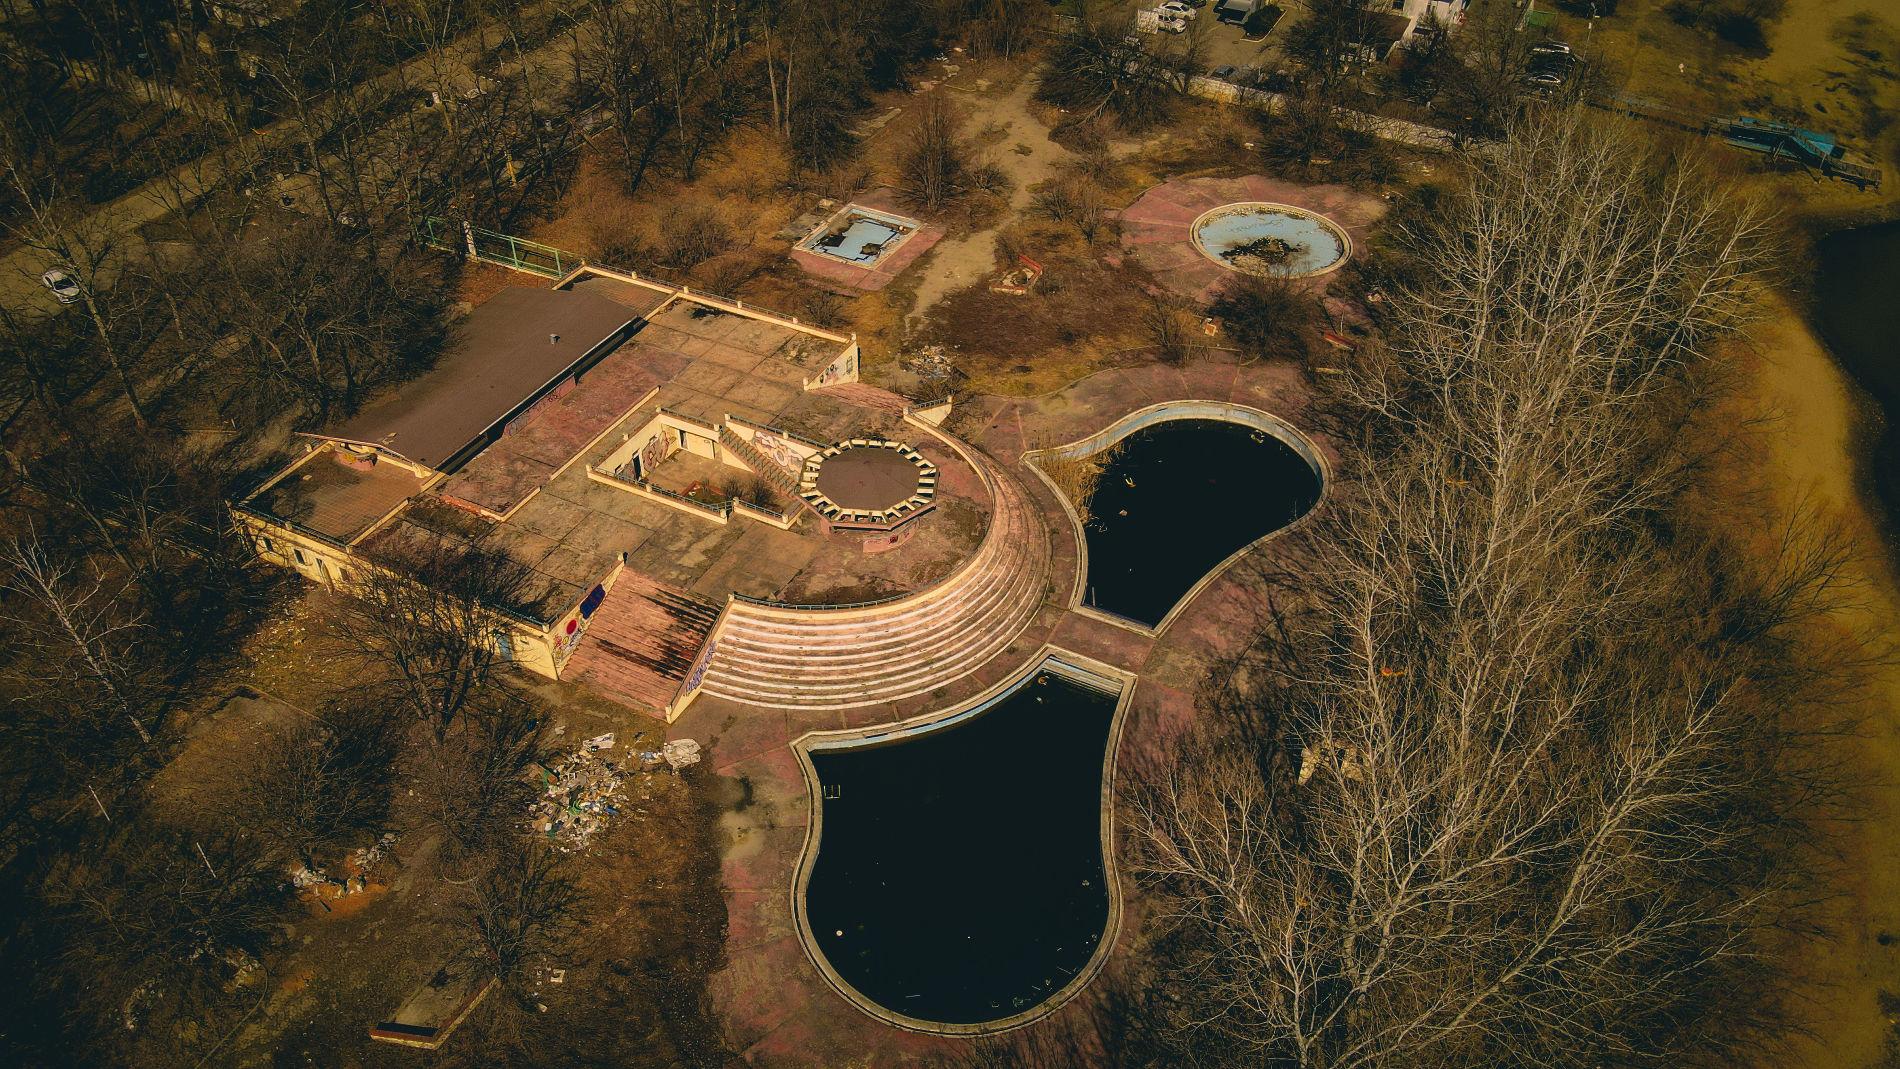 Заброшенный аквапарк «Аквалэнд» на Затоне ©Фото предоставлено порталу Юга.ру Евгением Геруновым